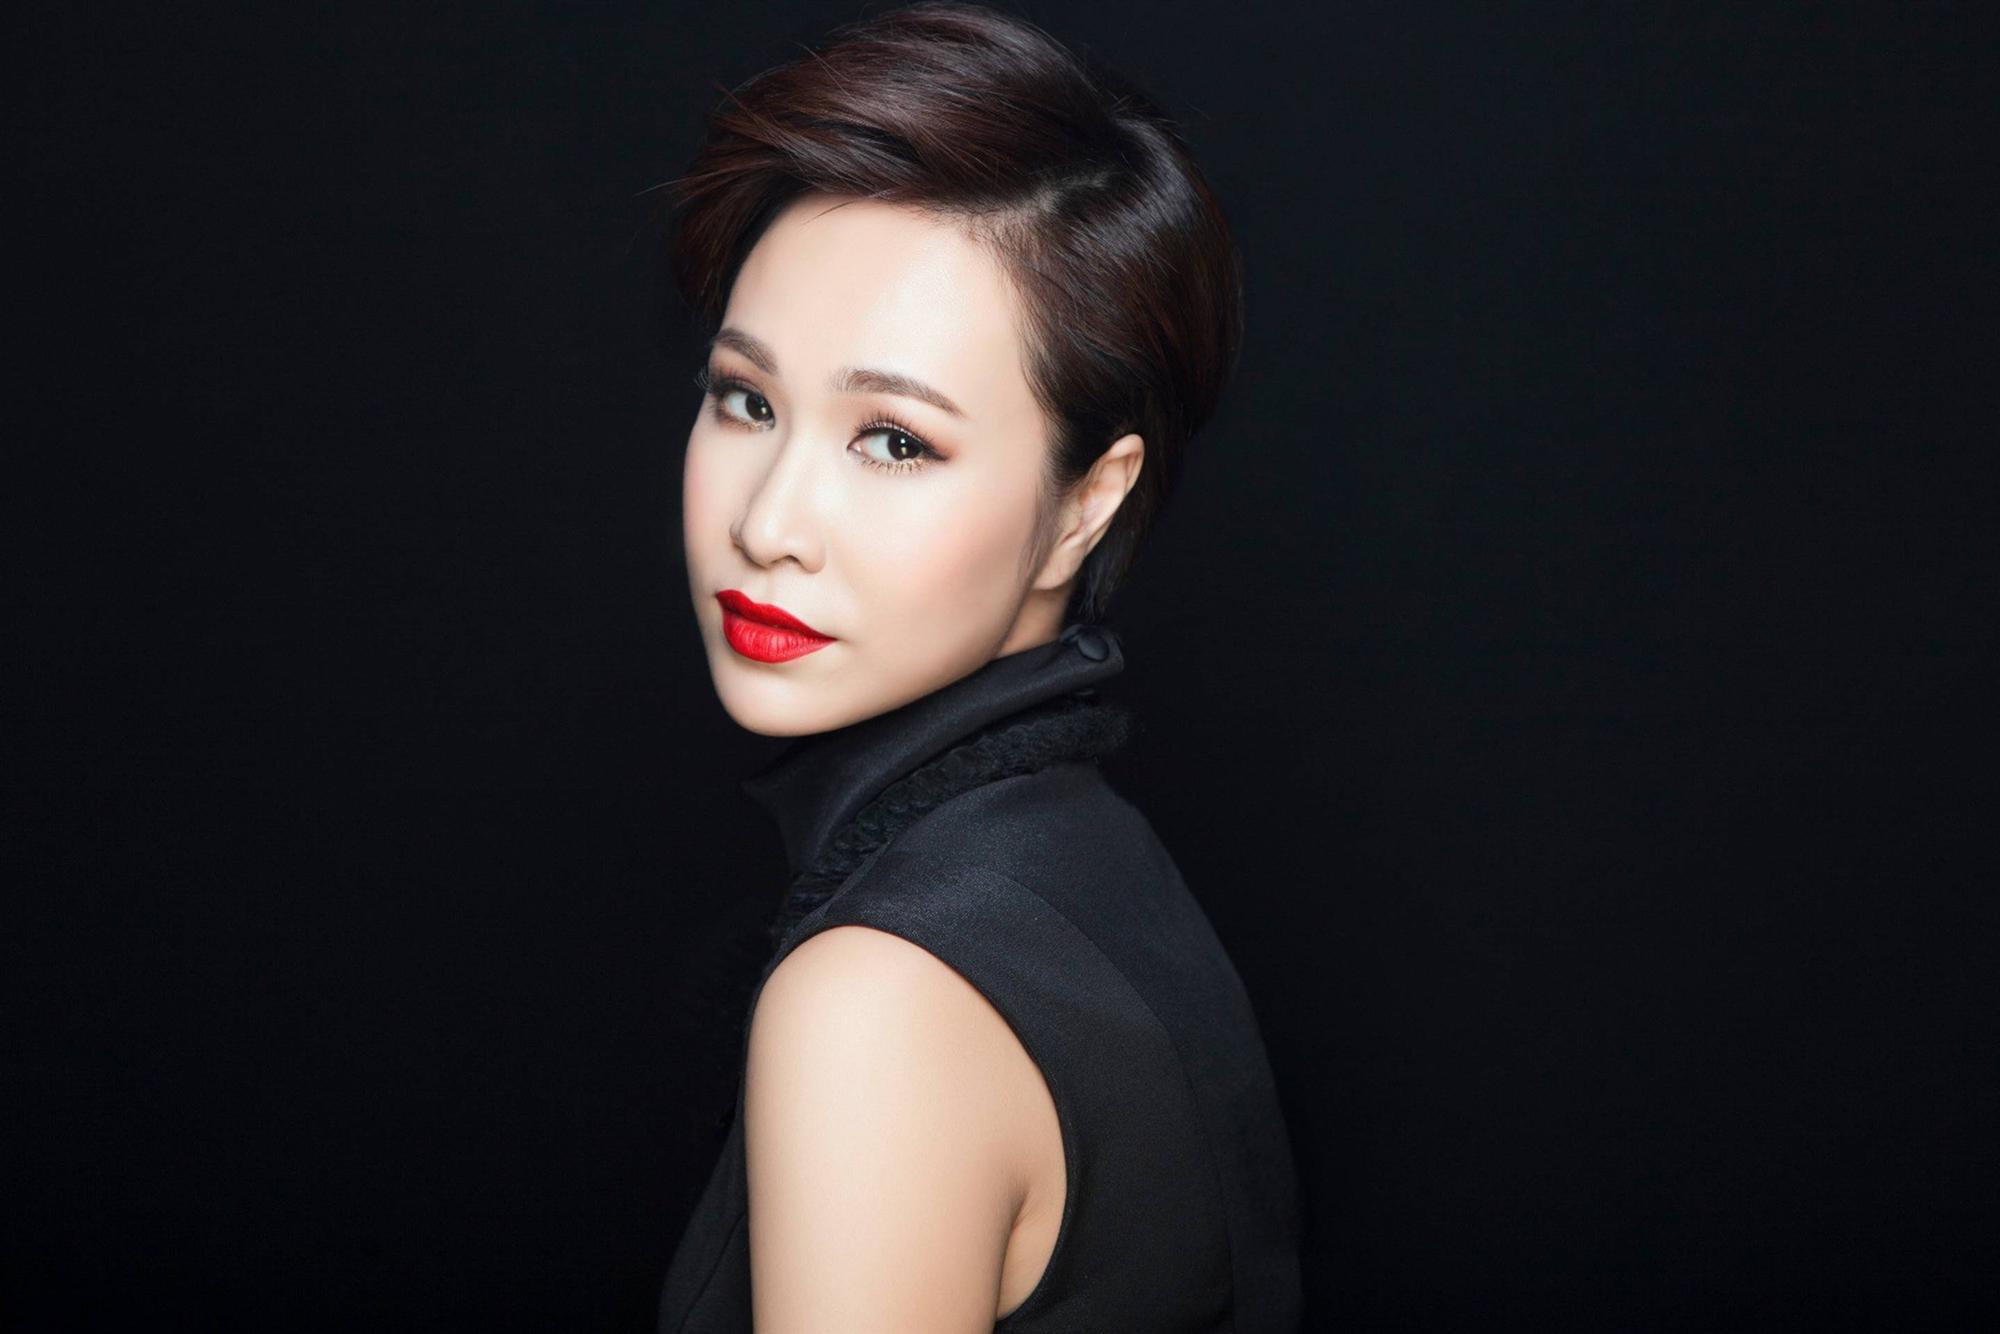 Sao Việt và muôn lần vạ miệng vì lỡ khẩu nghiệp vành môi: Lựa lời mà nói cho vừa lòng nhau-6